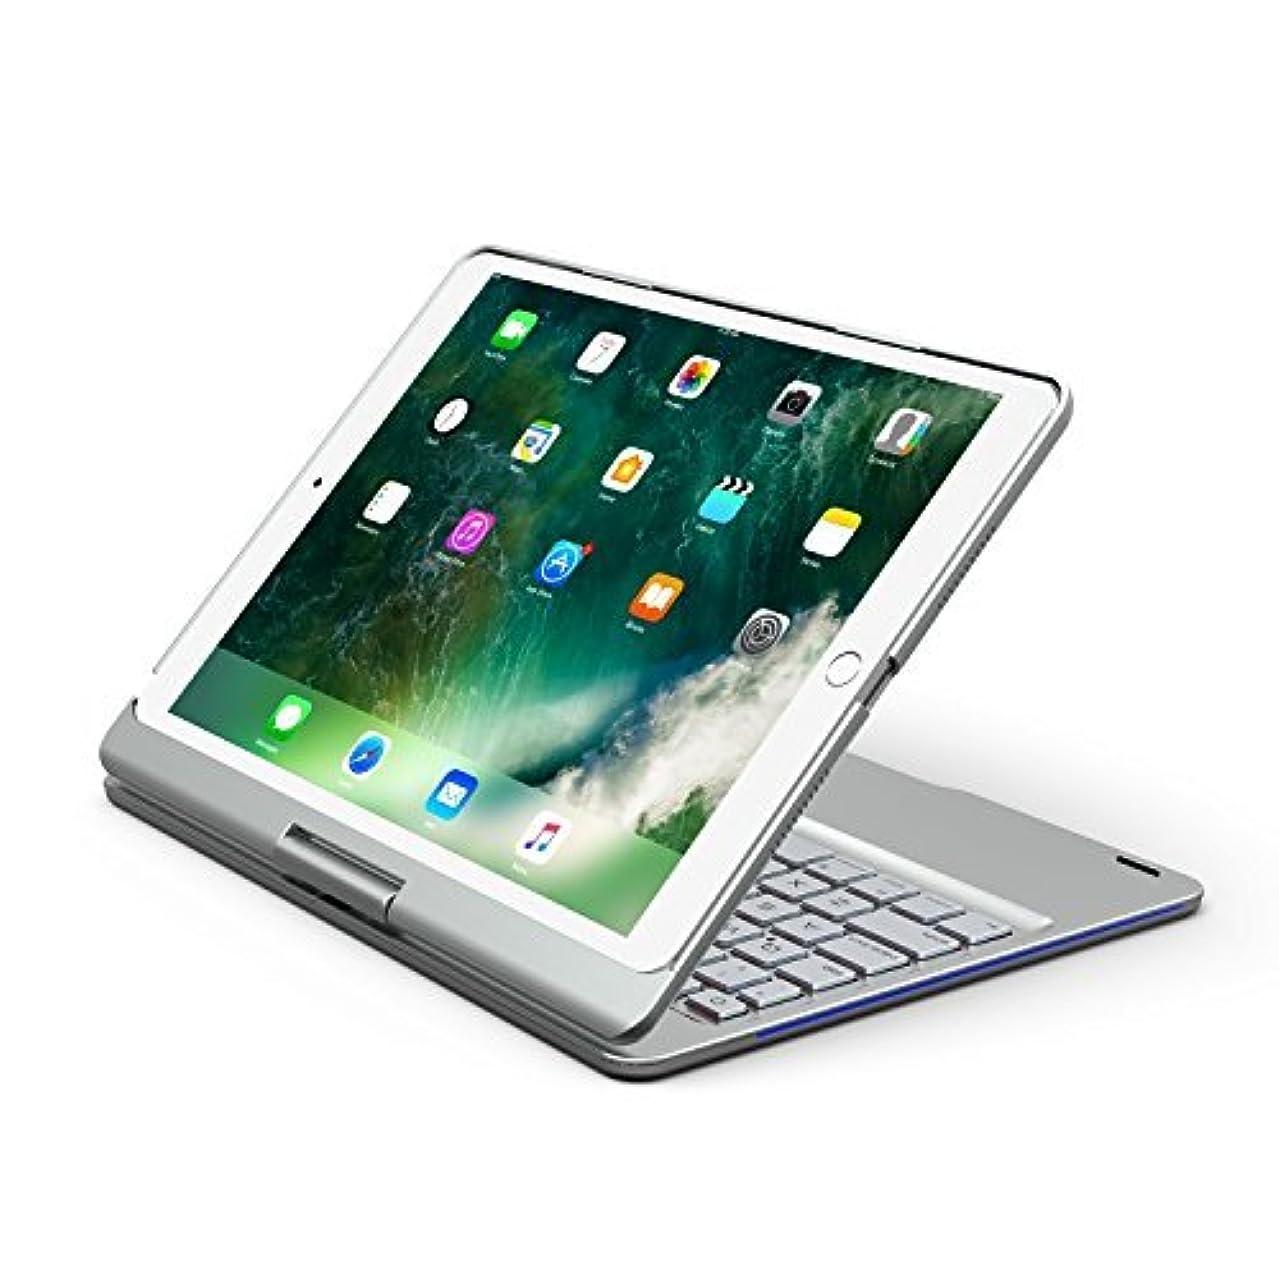 もろい最少巨人iPad Pro 10.5キーボードケース、businda 7色バックライト付きキーボードケースカバー360 °回転スマートキーボードケース/スリープ付きiPad Pro 10.5 2017 New iPad シルバー